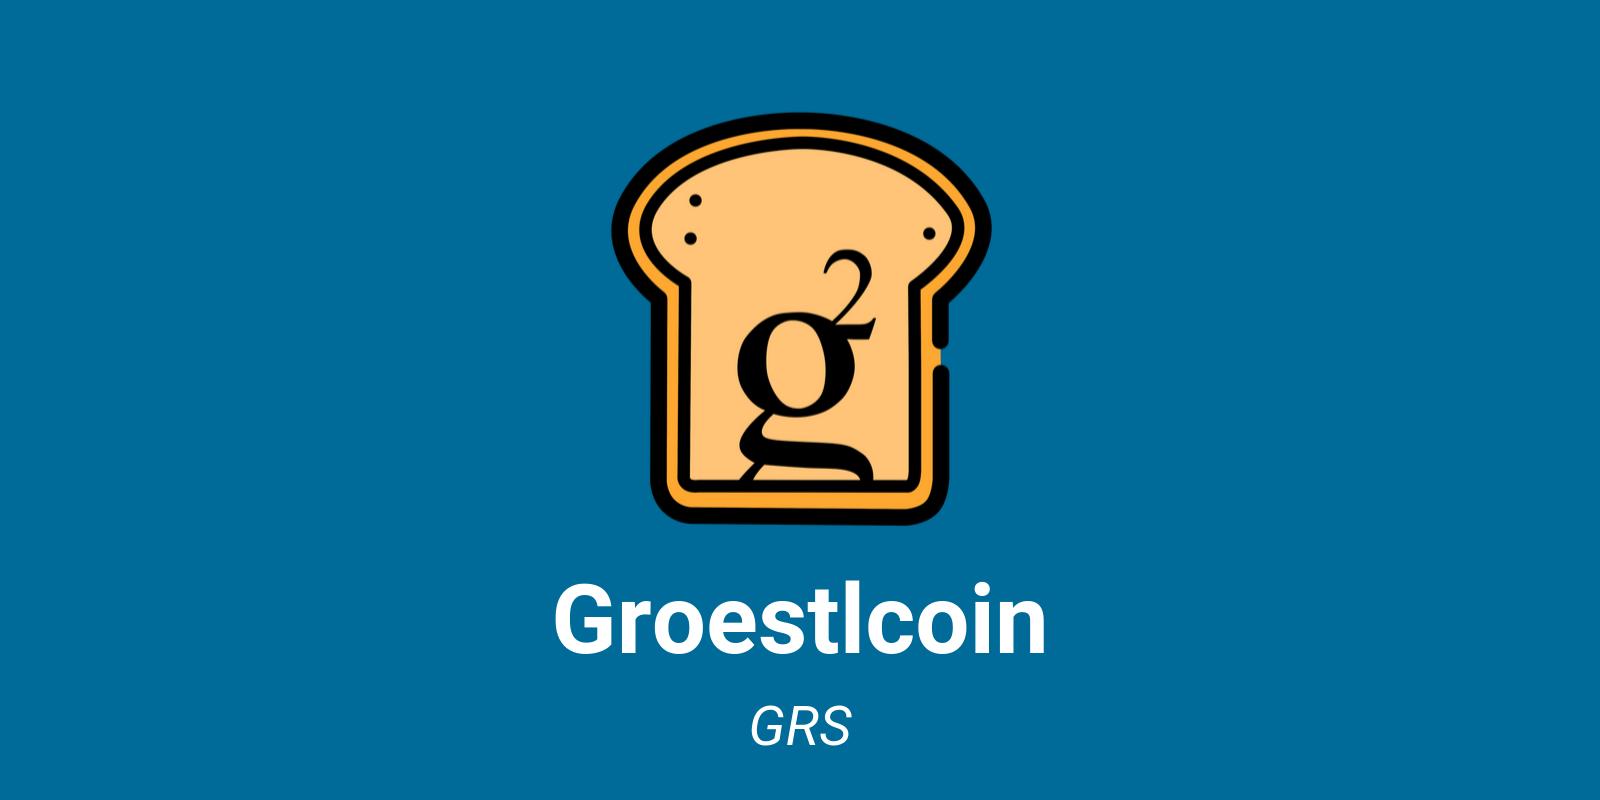 Crypto Groestlcoin (GRS)